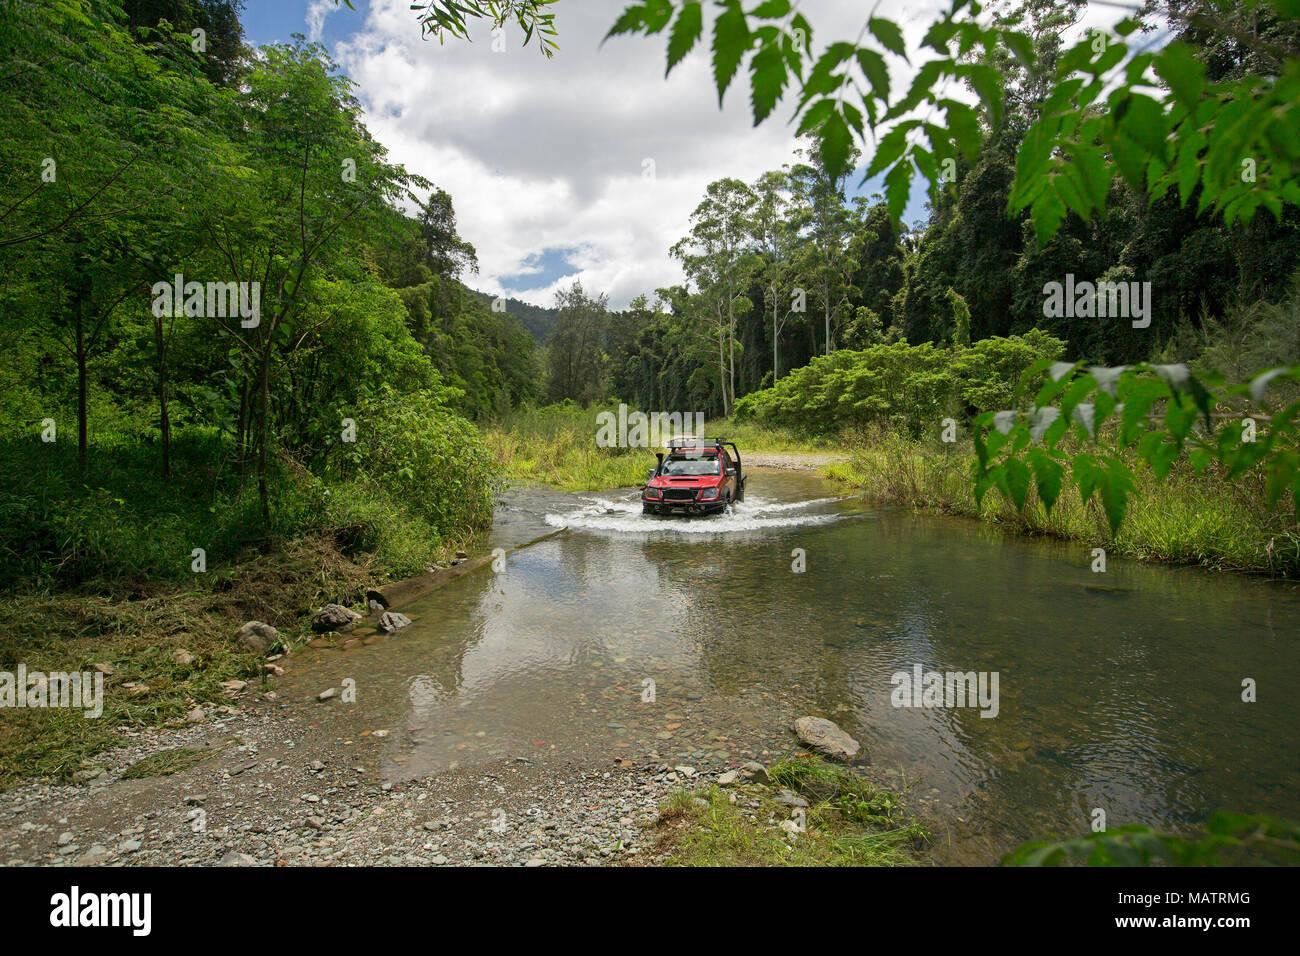 Vehículo de tracción en las cuatro ruedas rojas cruzando creek con dobladillo los bosques verde esmeralda en el Parque Nacional de rangos Conondale Queensland Australia Imagen De Stock